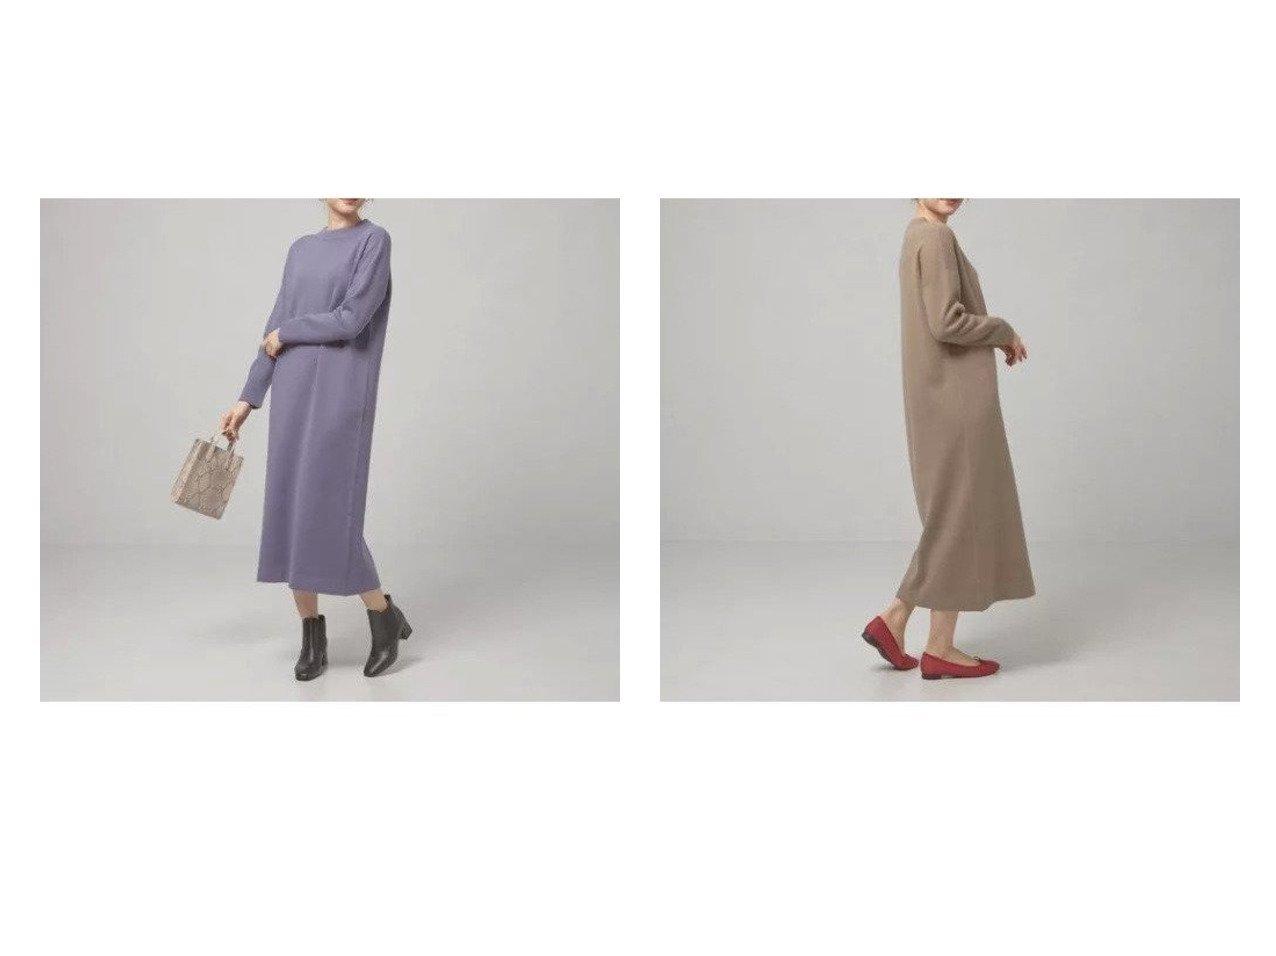 【THE STATION STORE / UNITED ARROWS/ザ ステーション ストア】のハイネック ロング ニットワンピース -ウォッシャブル- 【ワンピース・ドレス】おすすめ!人気、トレンド・レディースファッションの通販 おすすめで人気の流行・トレンド、ファッションの通販商品 インテリア・家具・メンズファッション・キッズファッション・レディースファッション・服の通販 founy(ファニー) https://founy.com/ ファッション Fashion レディースファッション WOMEN ワンピース Dress ニットワンピース Knit Dresses アクセサリー ウォッシャブル エレガント ショルダー シンプル スニーカー ドロップ 長袖 ハイネック リラックス ロング  ID:crp329100000072635